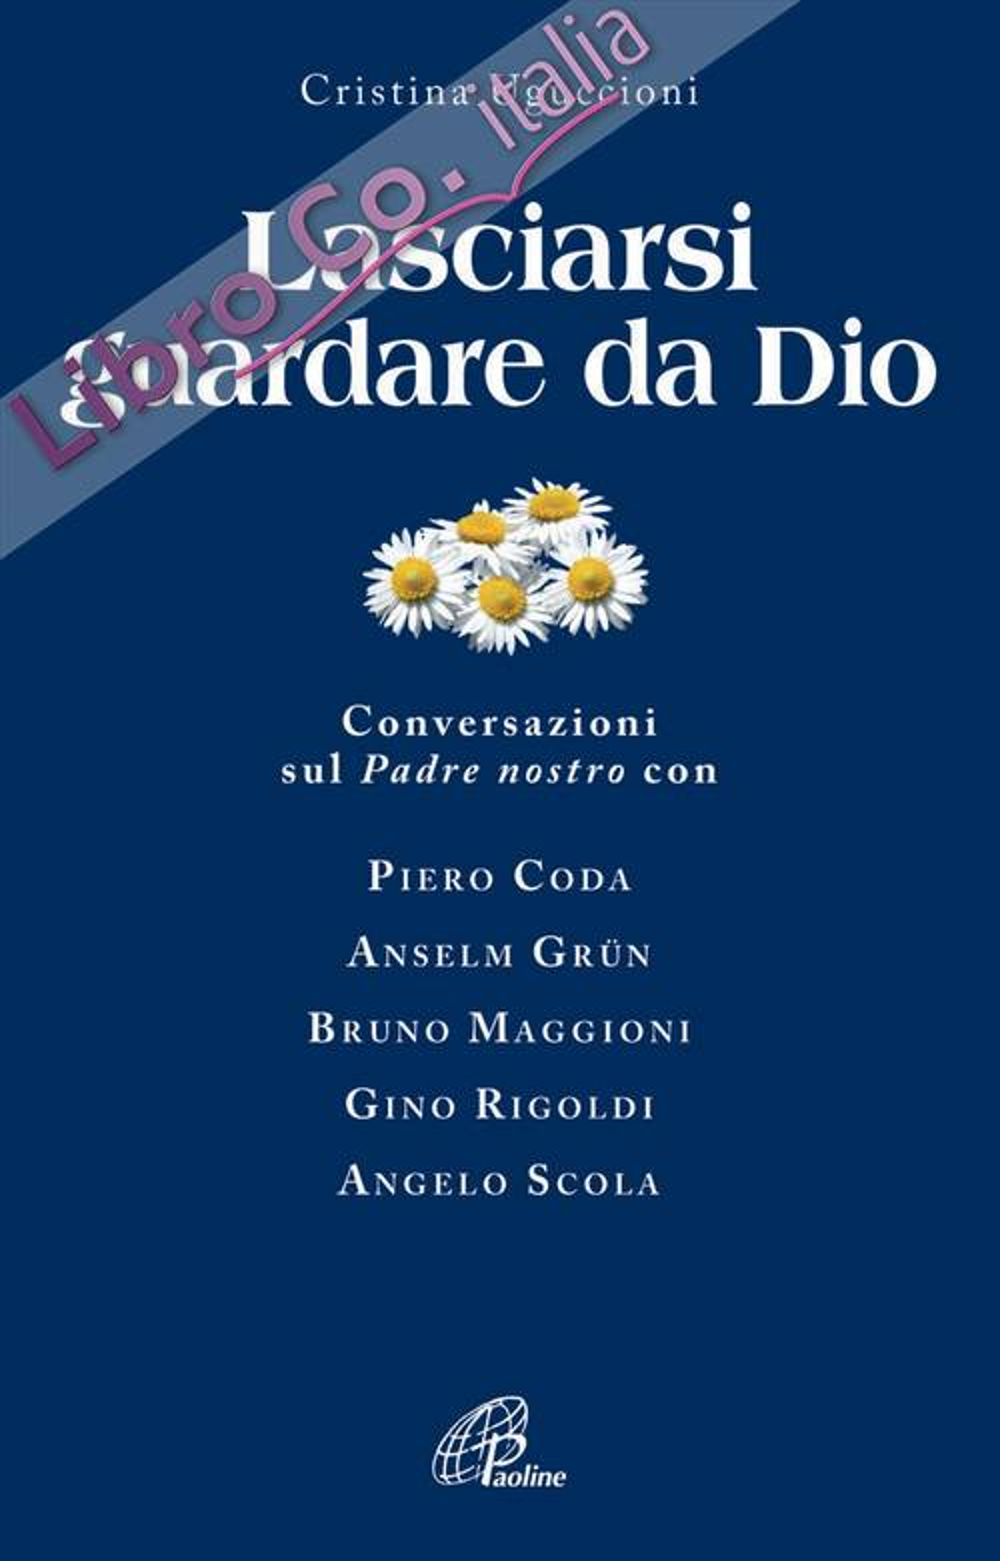 Lasciarsi Guardare da Dio. Conversazioni sul Padre Nostro con Piero Coda, Anselm Grün, Bruno Maggioni, Gino Rigoldi, Angelo Scola